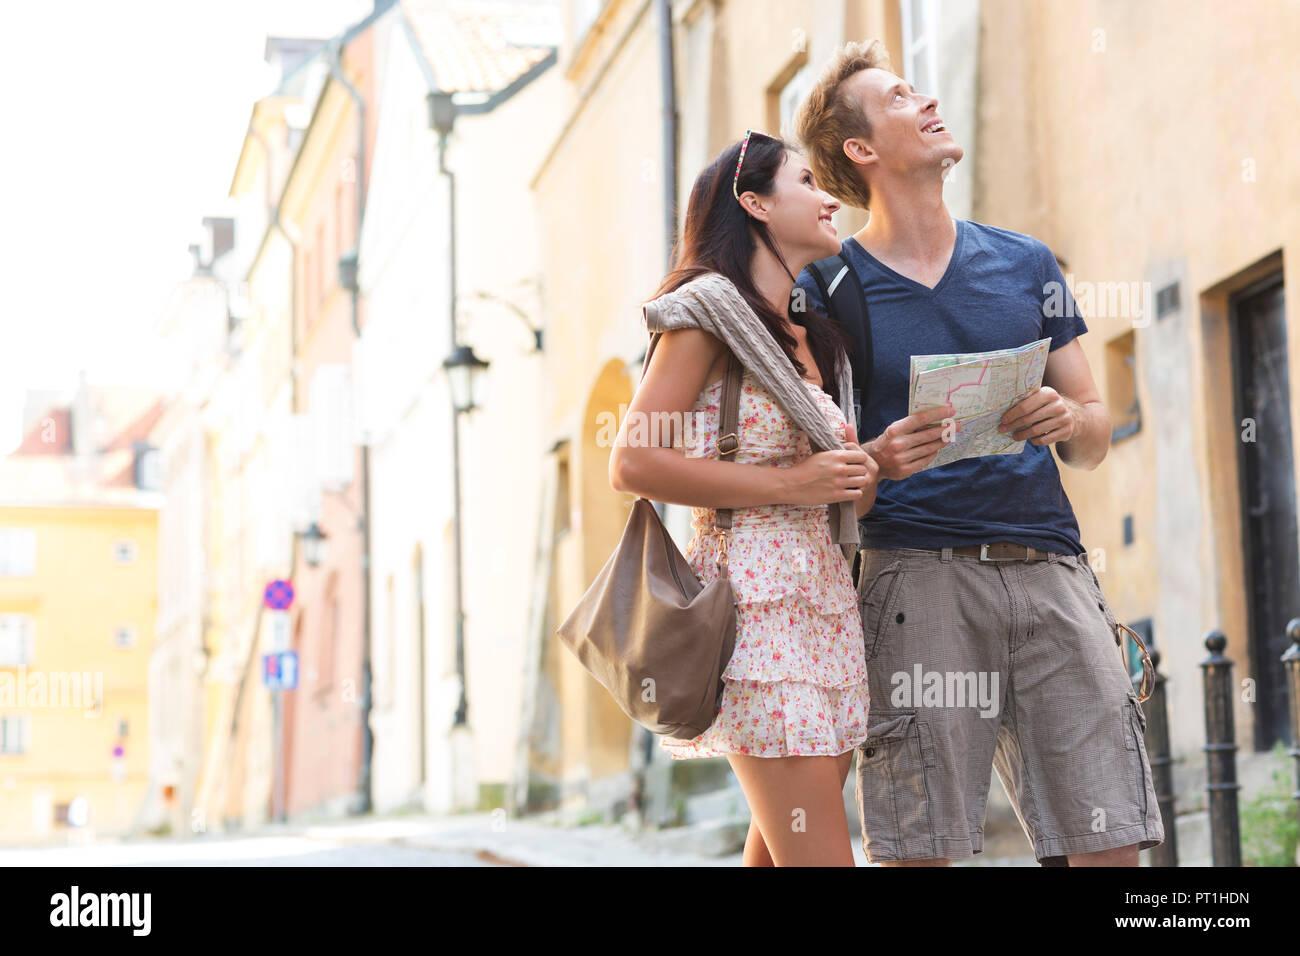 Polen, Warschau, junges Paar auf einer Städtereise Stockbild